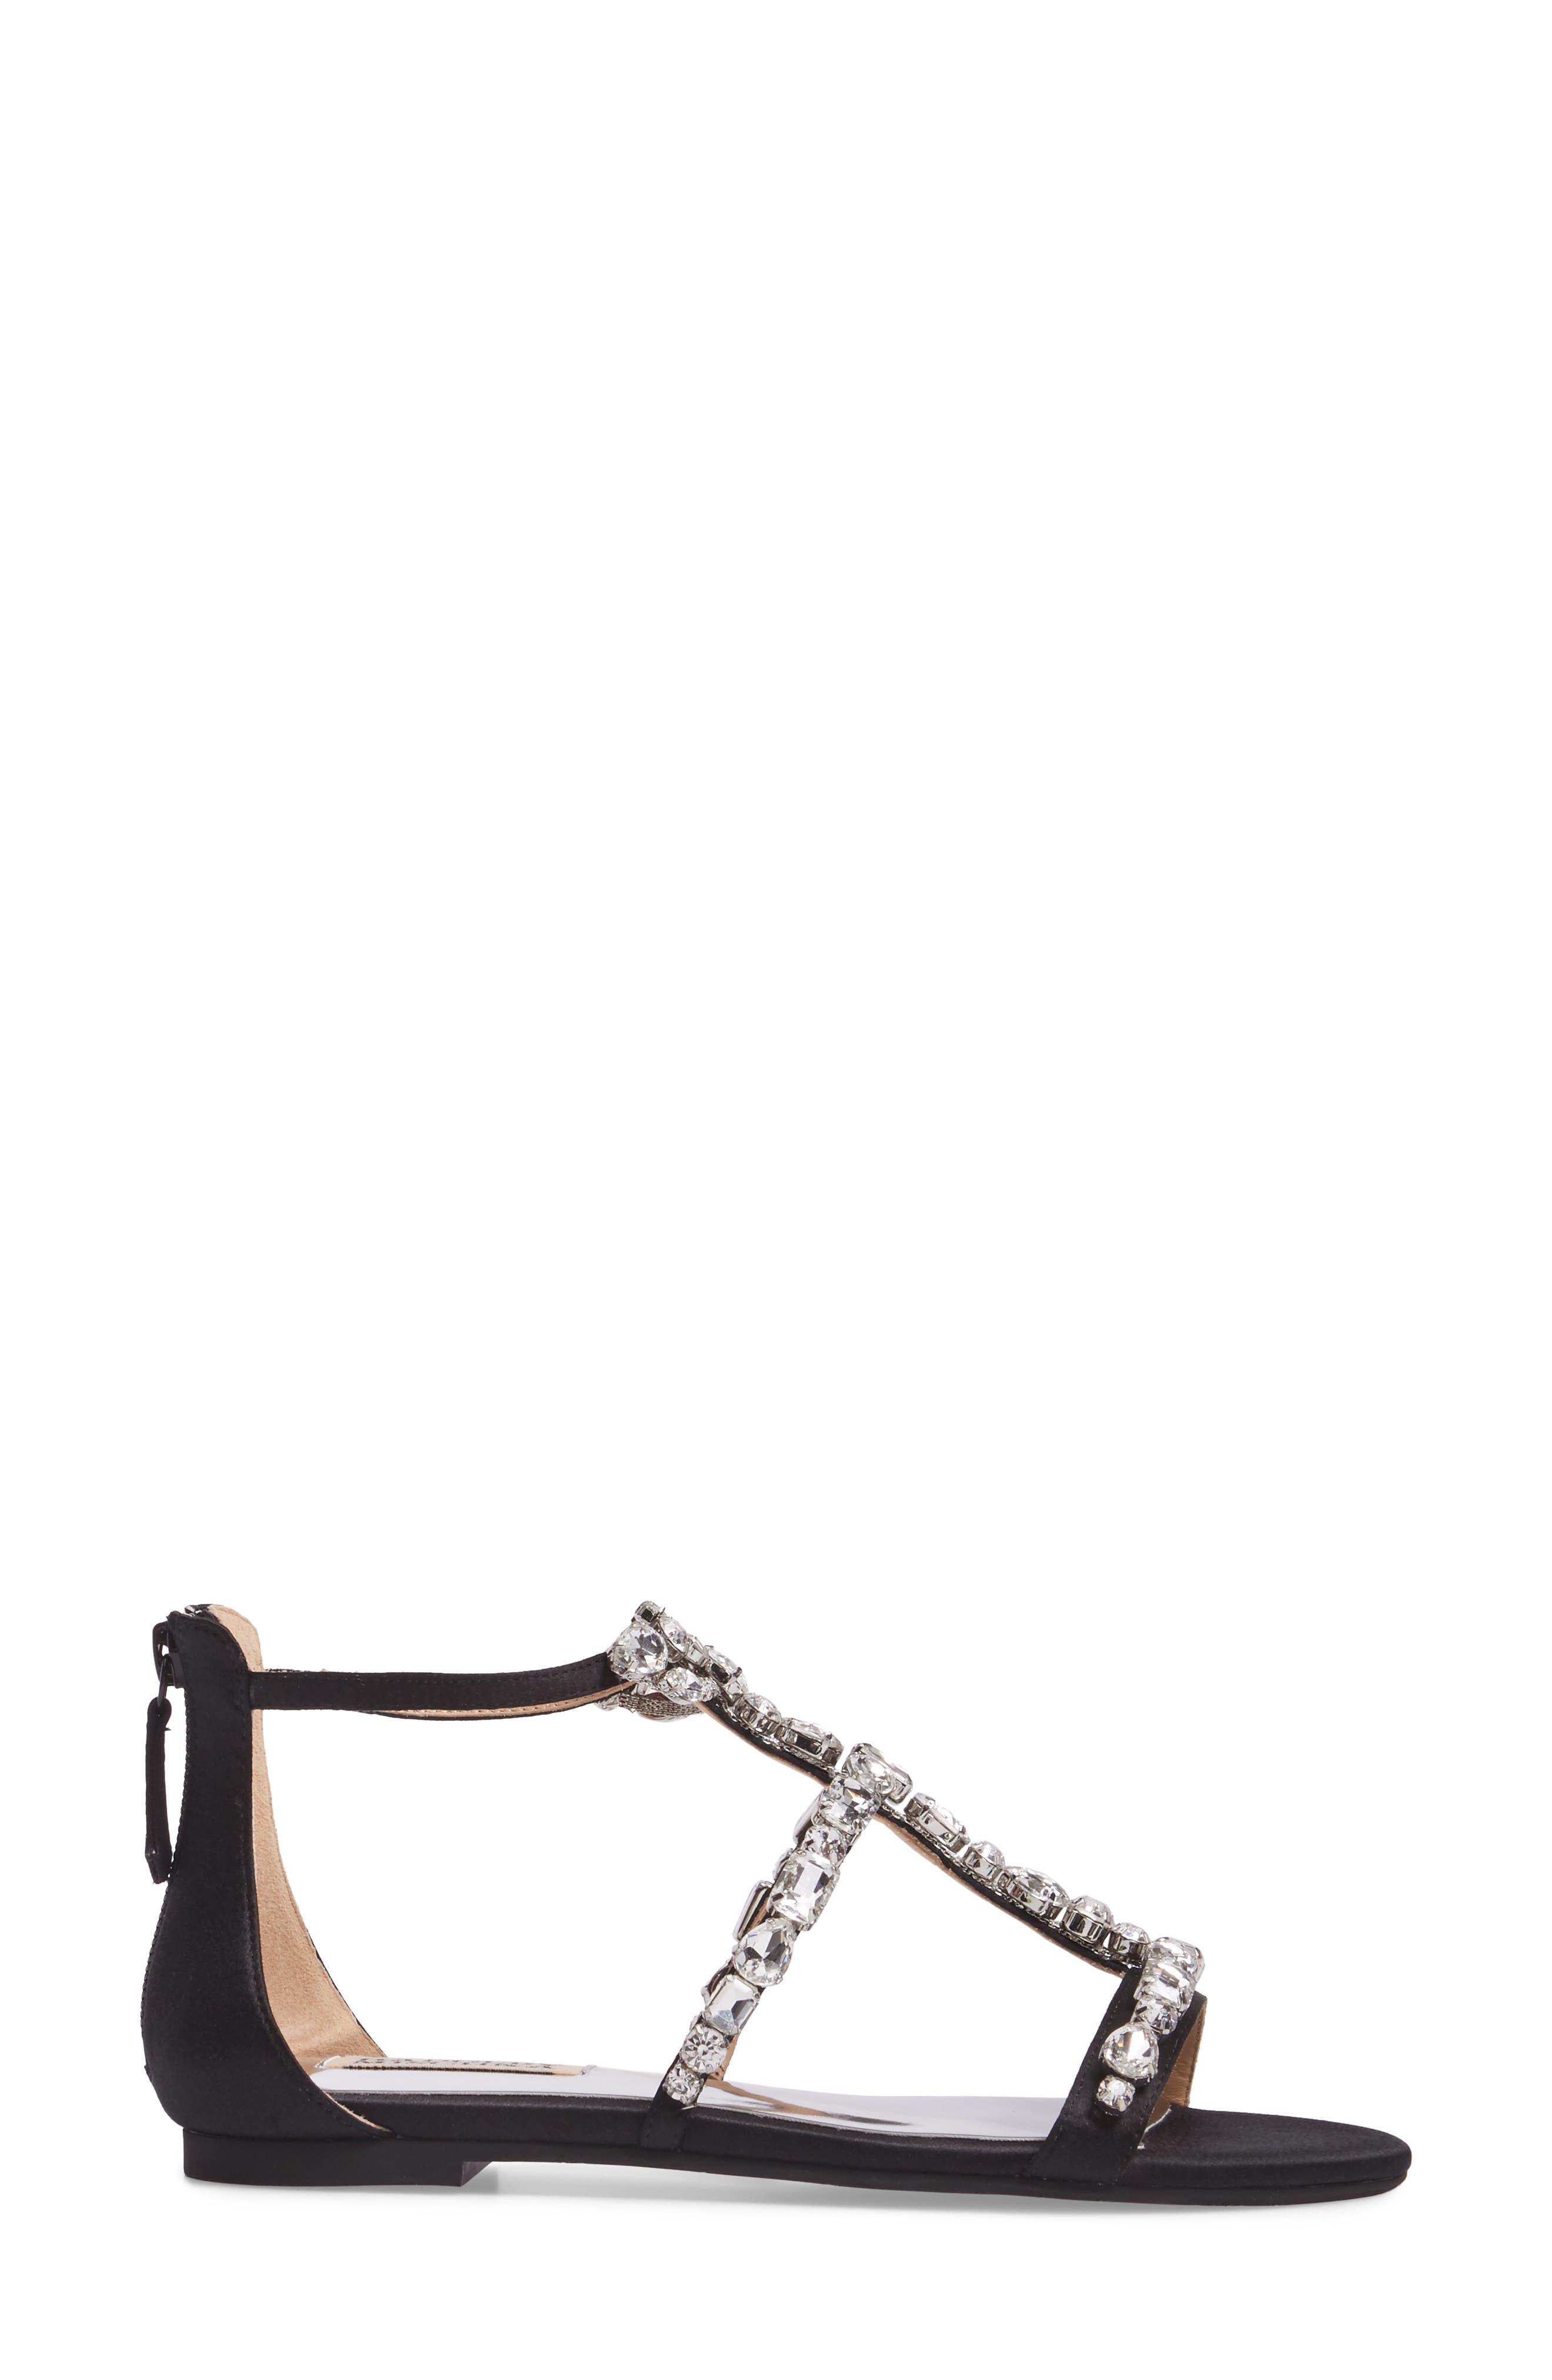 Alternate Image 3  - Badgley Mischka Warren Crystal Embellished Sandal (Women)